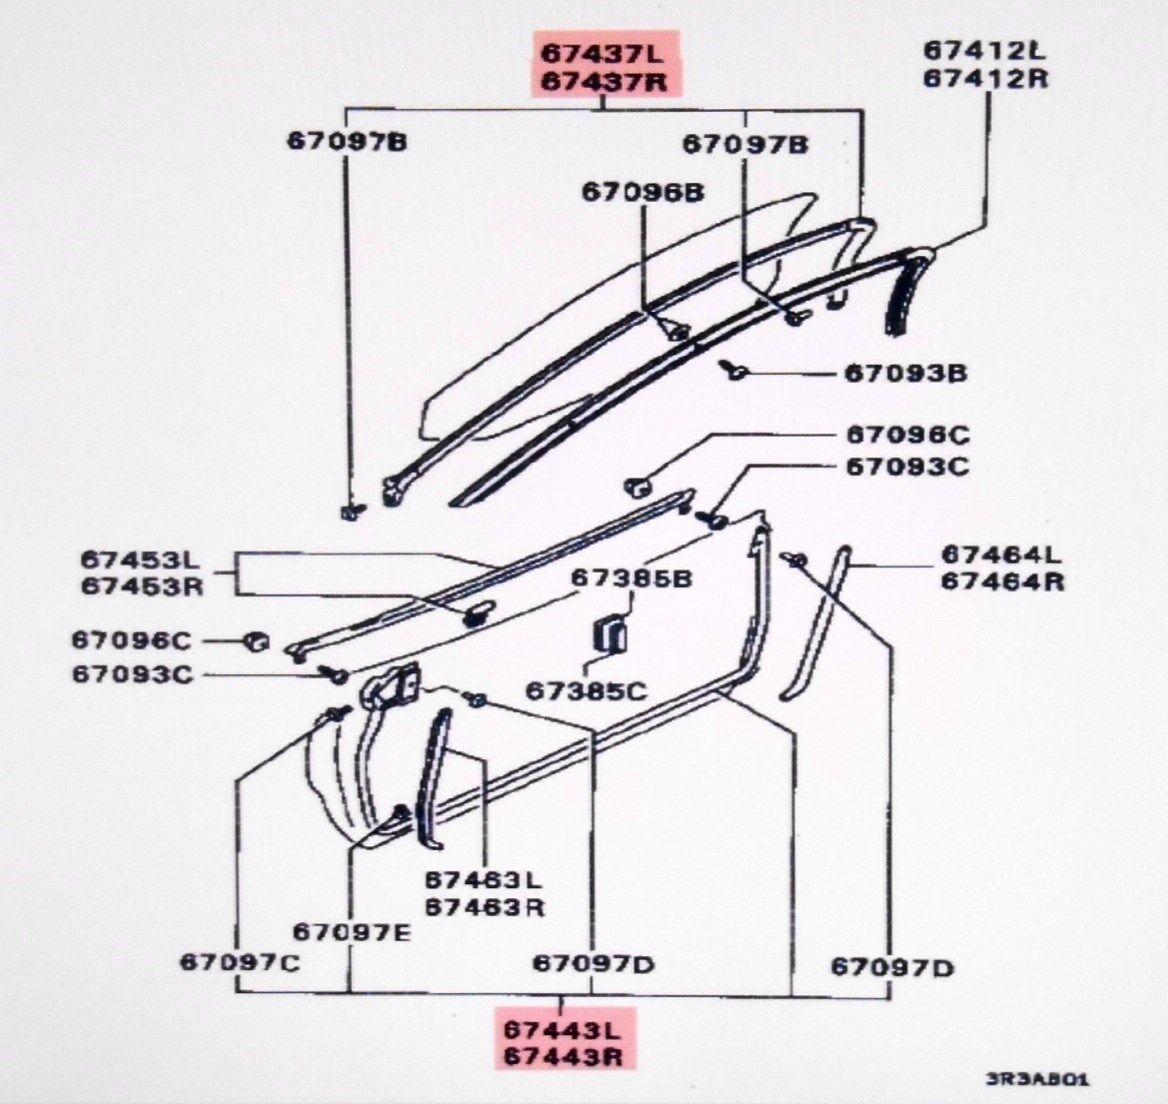 Mitsubishi 3000gt Diagram : 25 Wiring Diagram Images